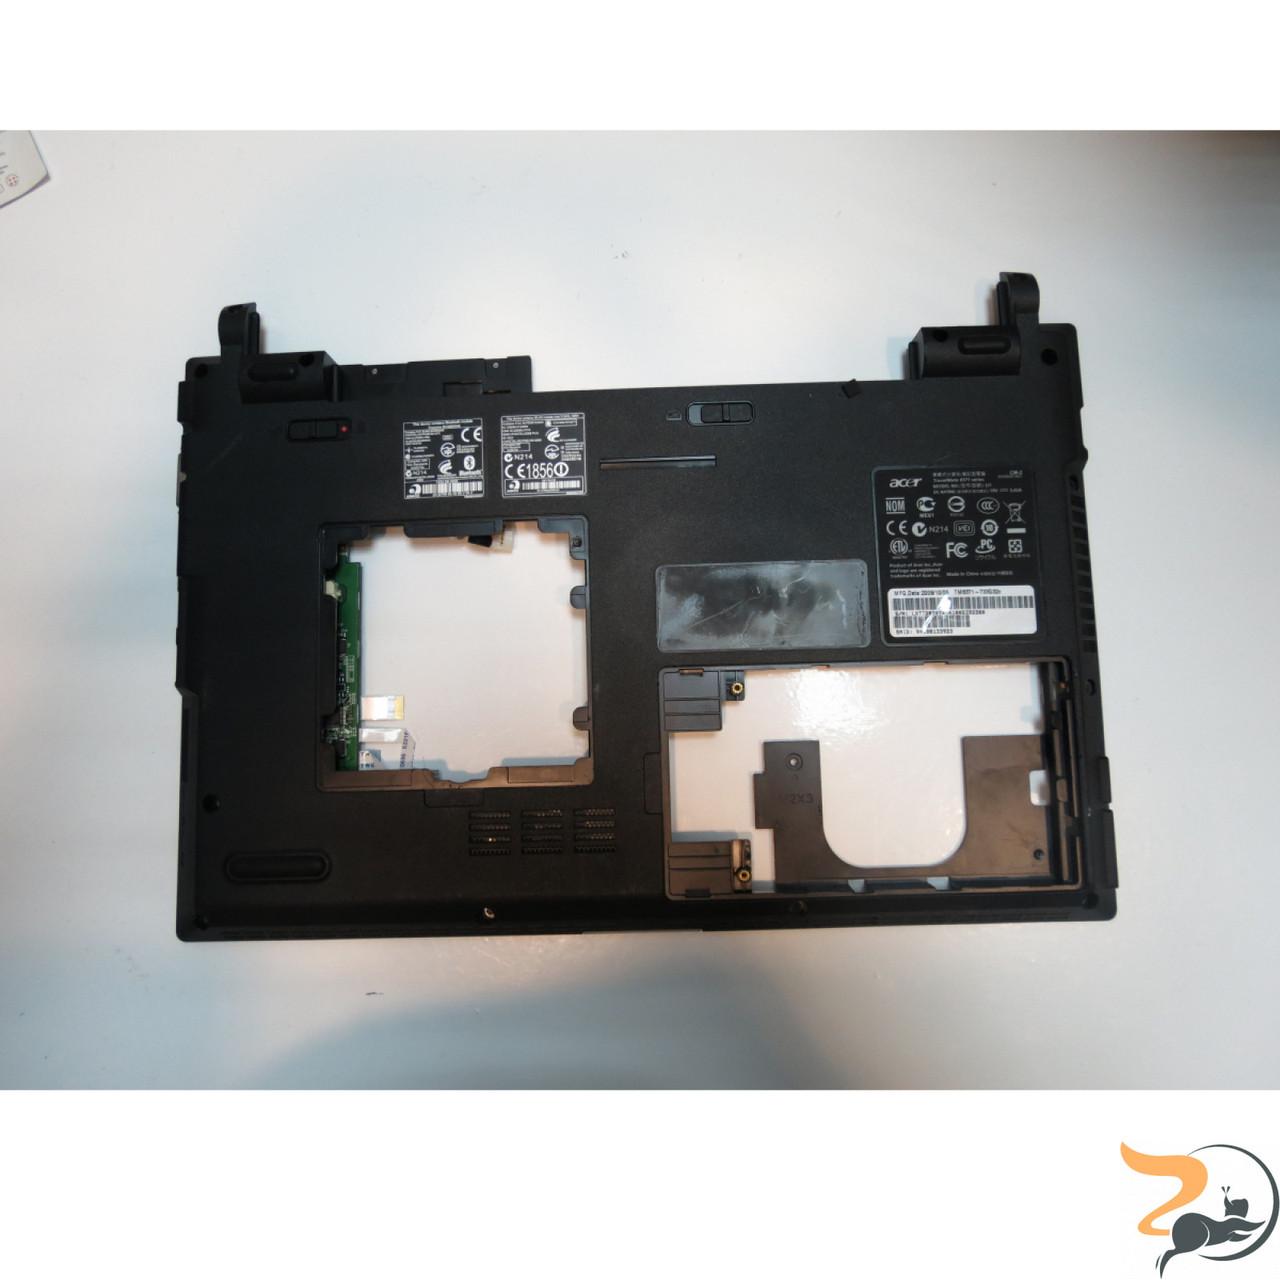 """Нижня частина корпусу для ноутбука Acer TravelMate 8371, LI1, B03759011131, 13.3"""", Б/В."""